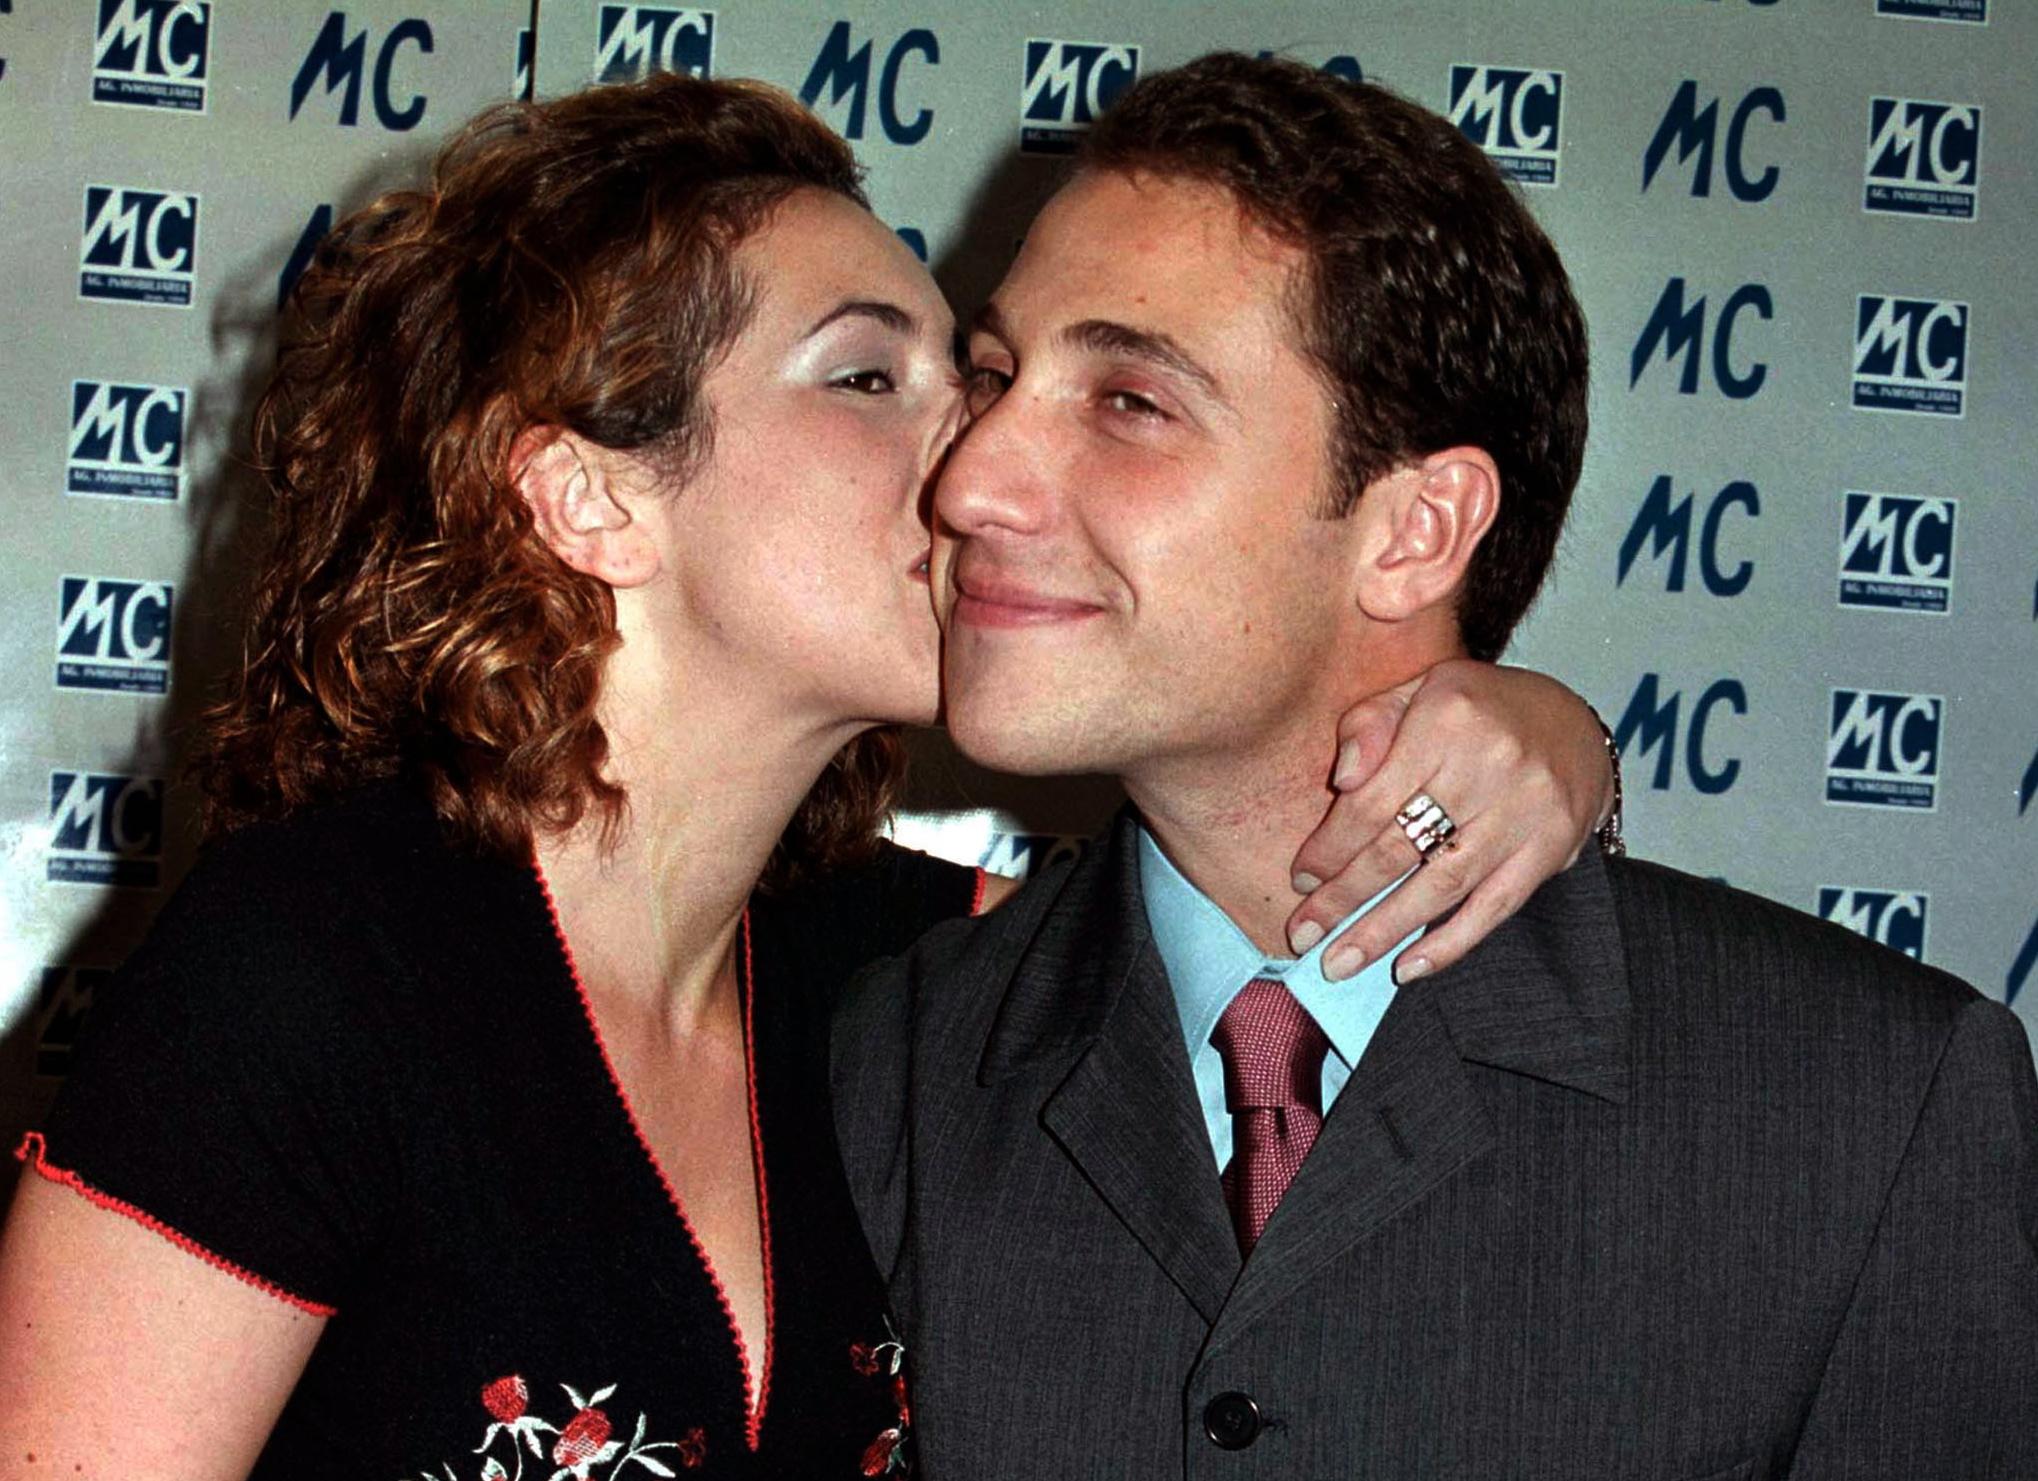 Rocío Carrasco y Antonio David Flores, en una imagen de Archivo MC JX ©KORPA